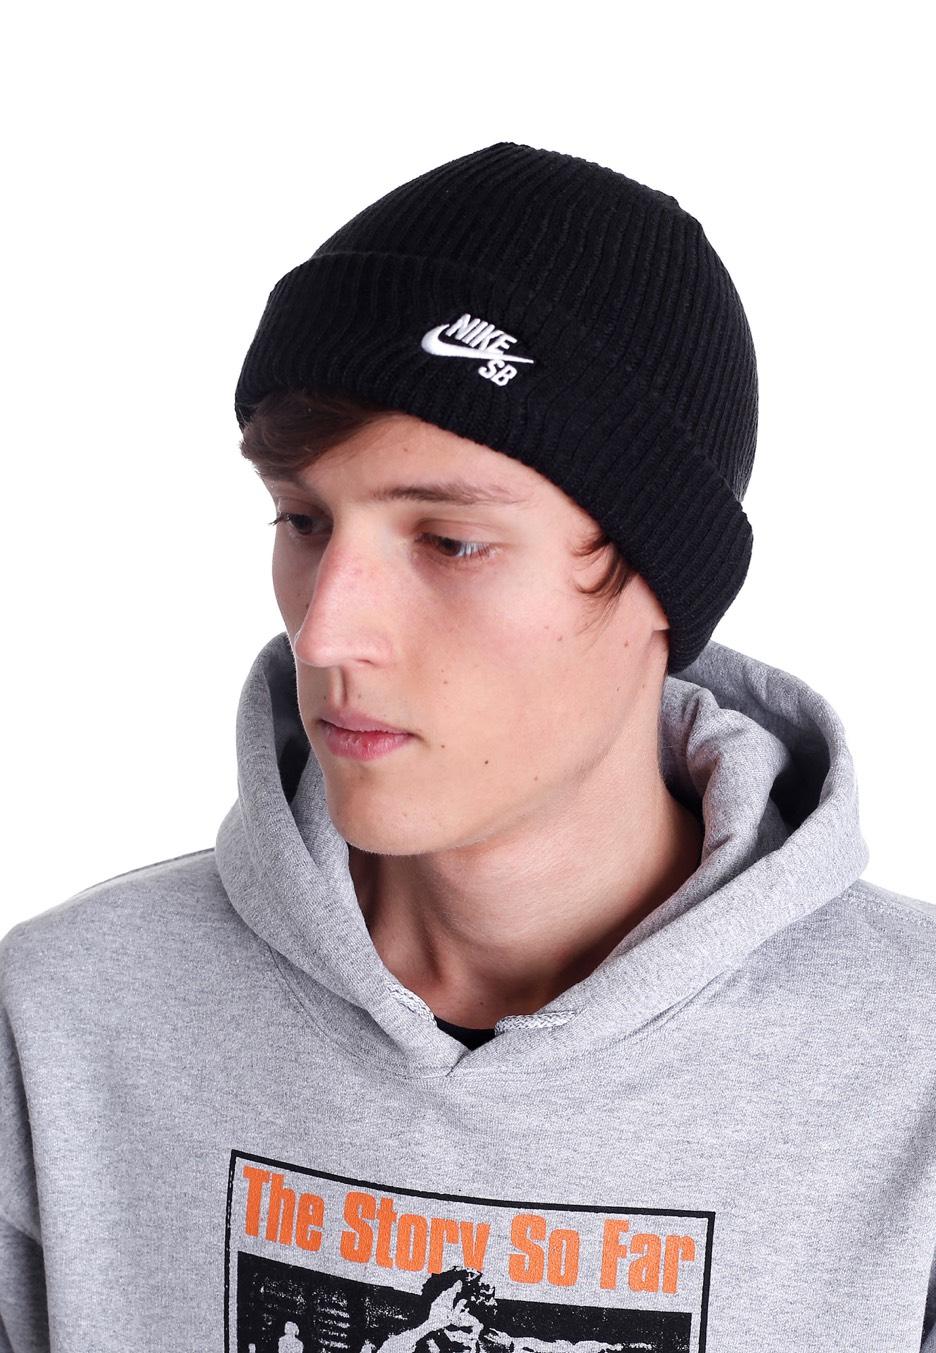 751560e6b0f97 Nike - SB Fisherman Black White - Berretto - Negozio di streetwear ...